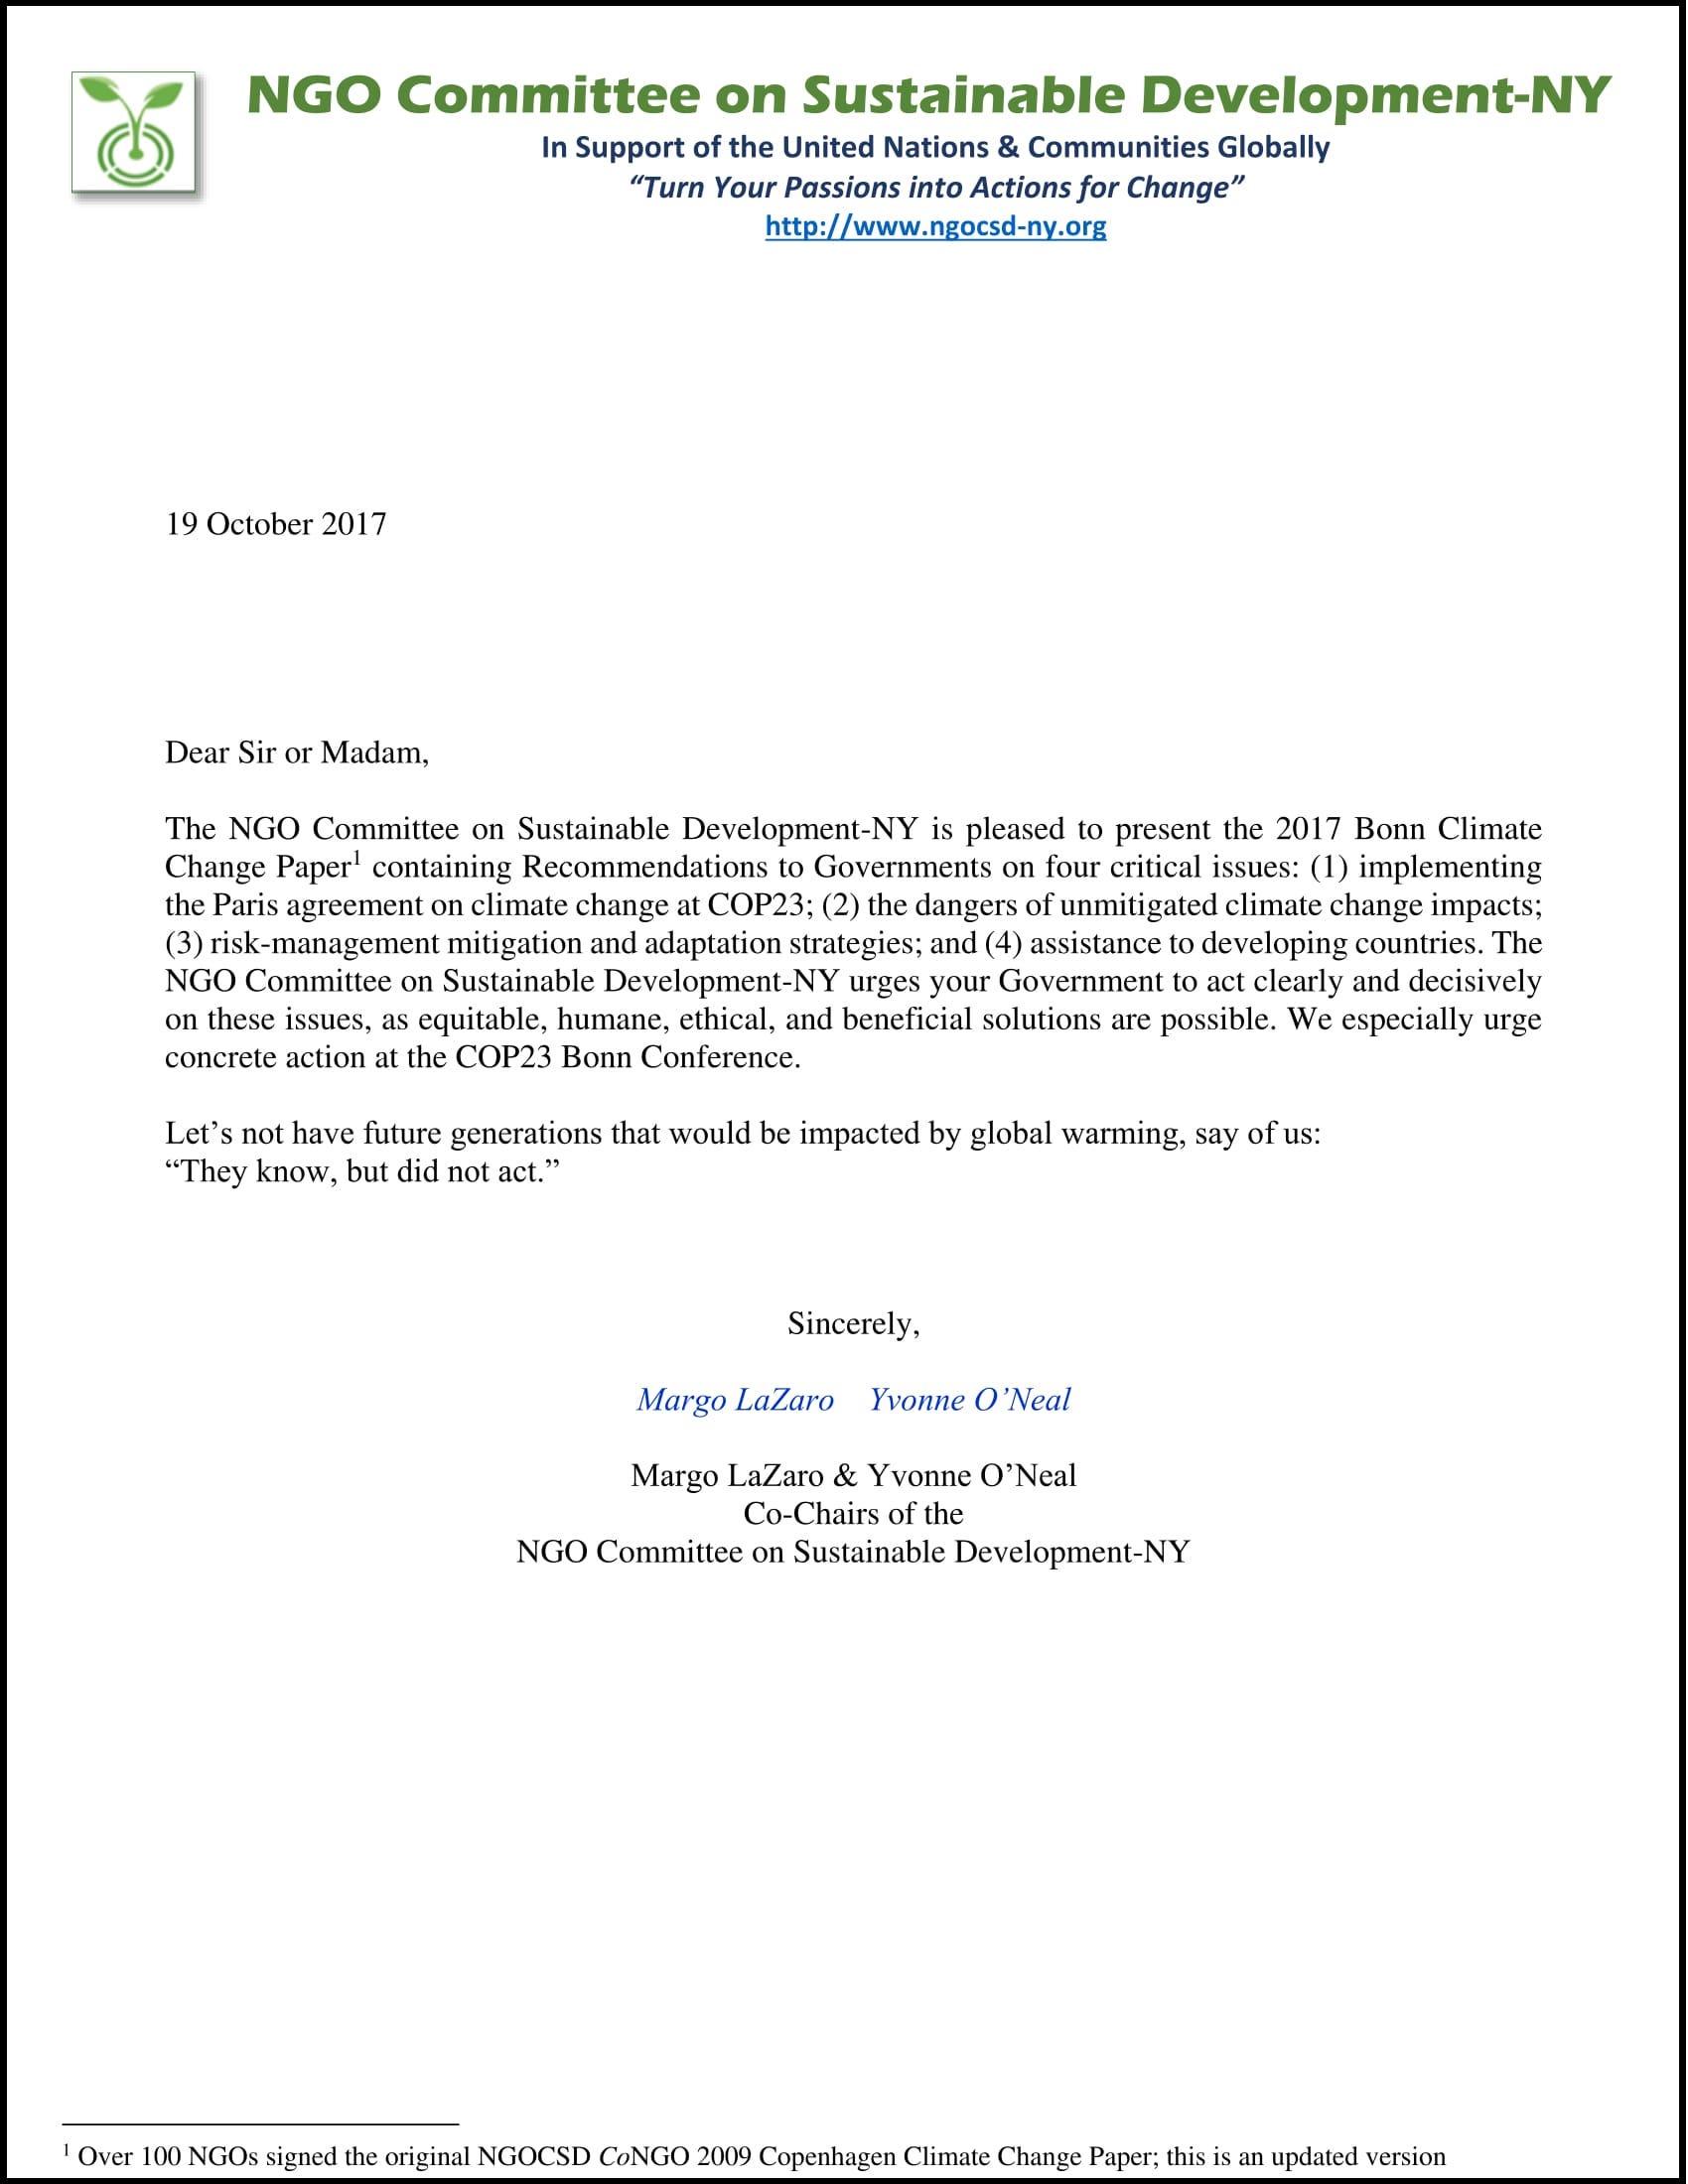 NGOCSD-NY+COP23+2017+Letter+-+A1-1.jpg